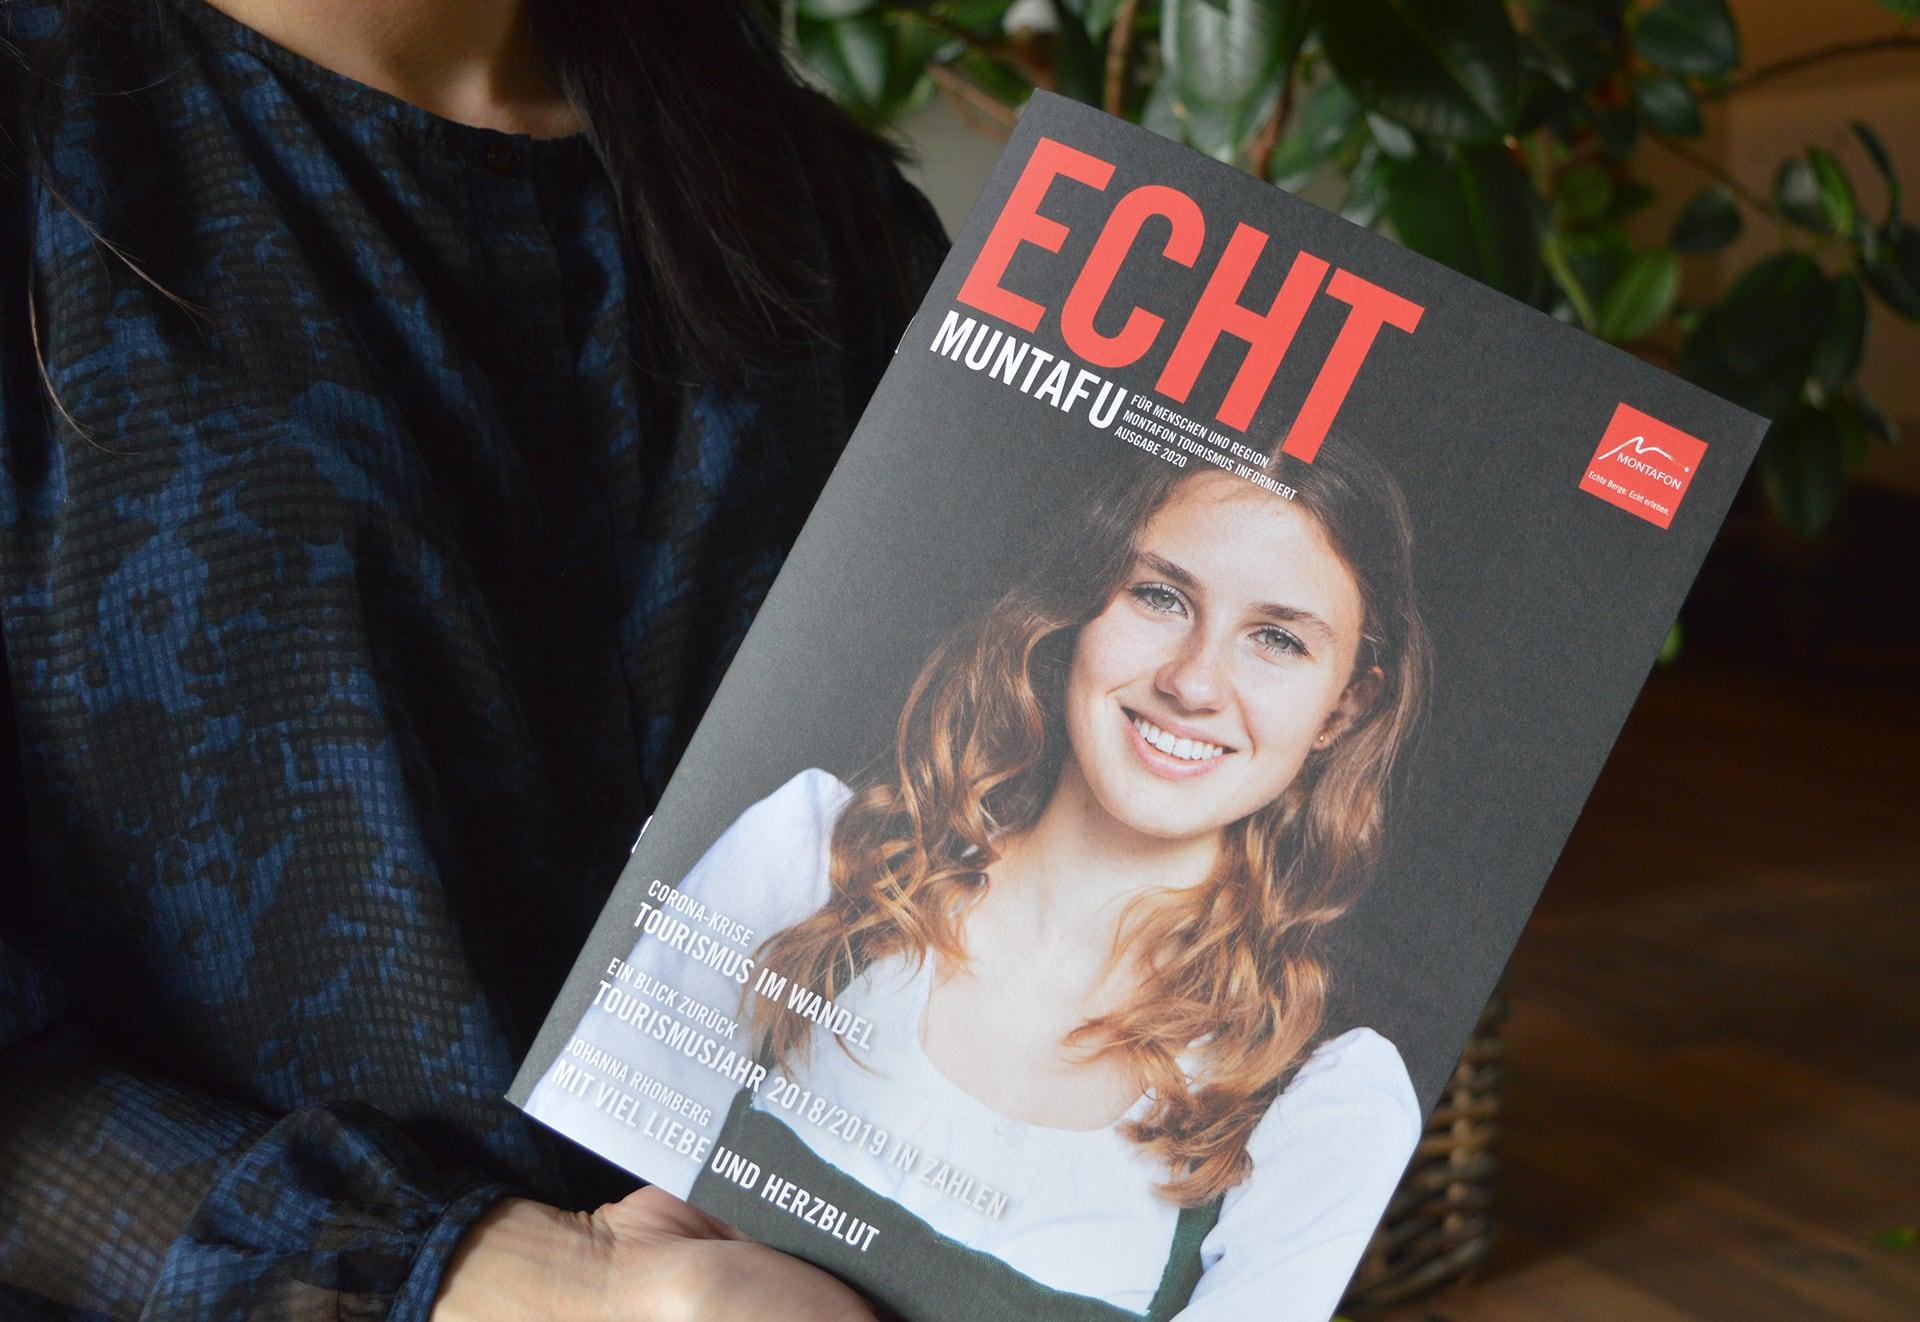 Cover Echt Munftafu Magazin